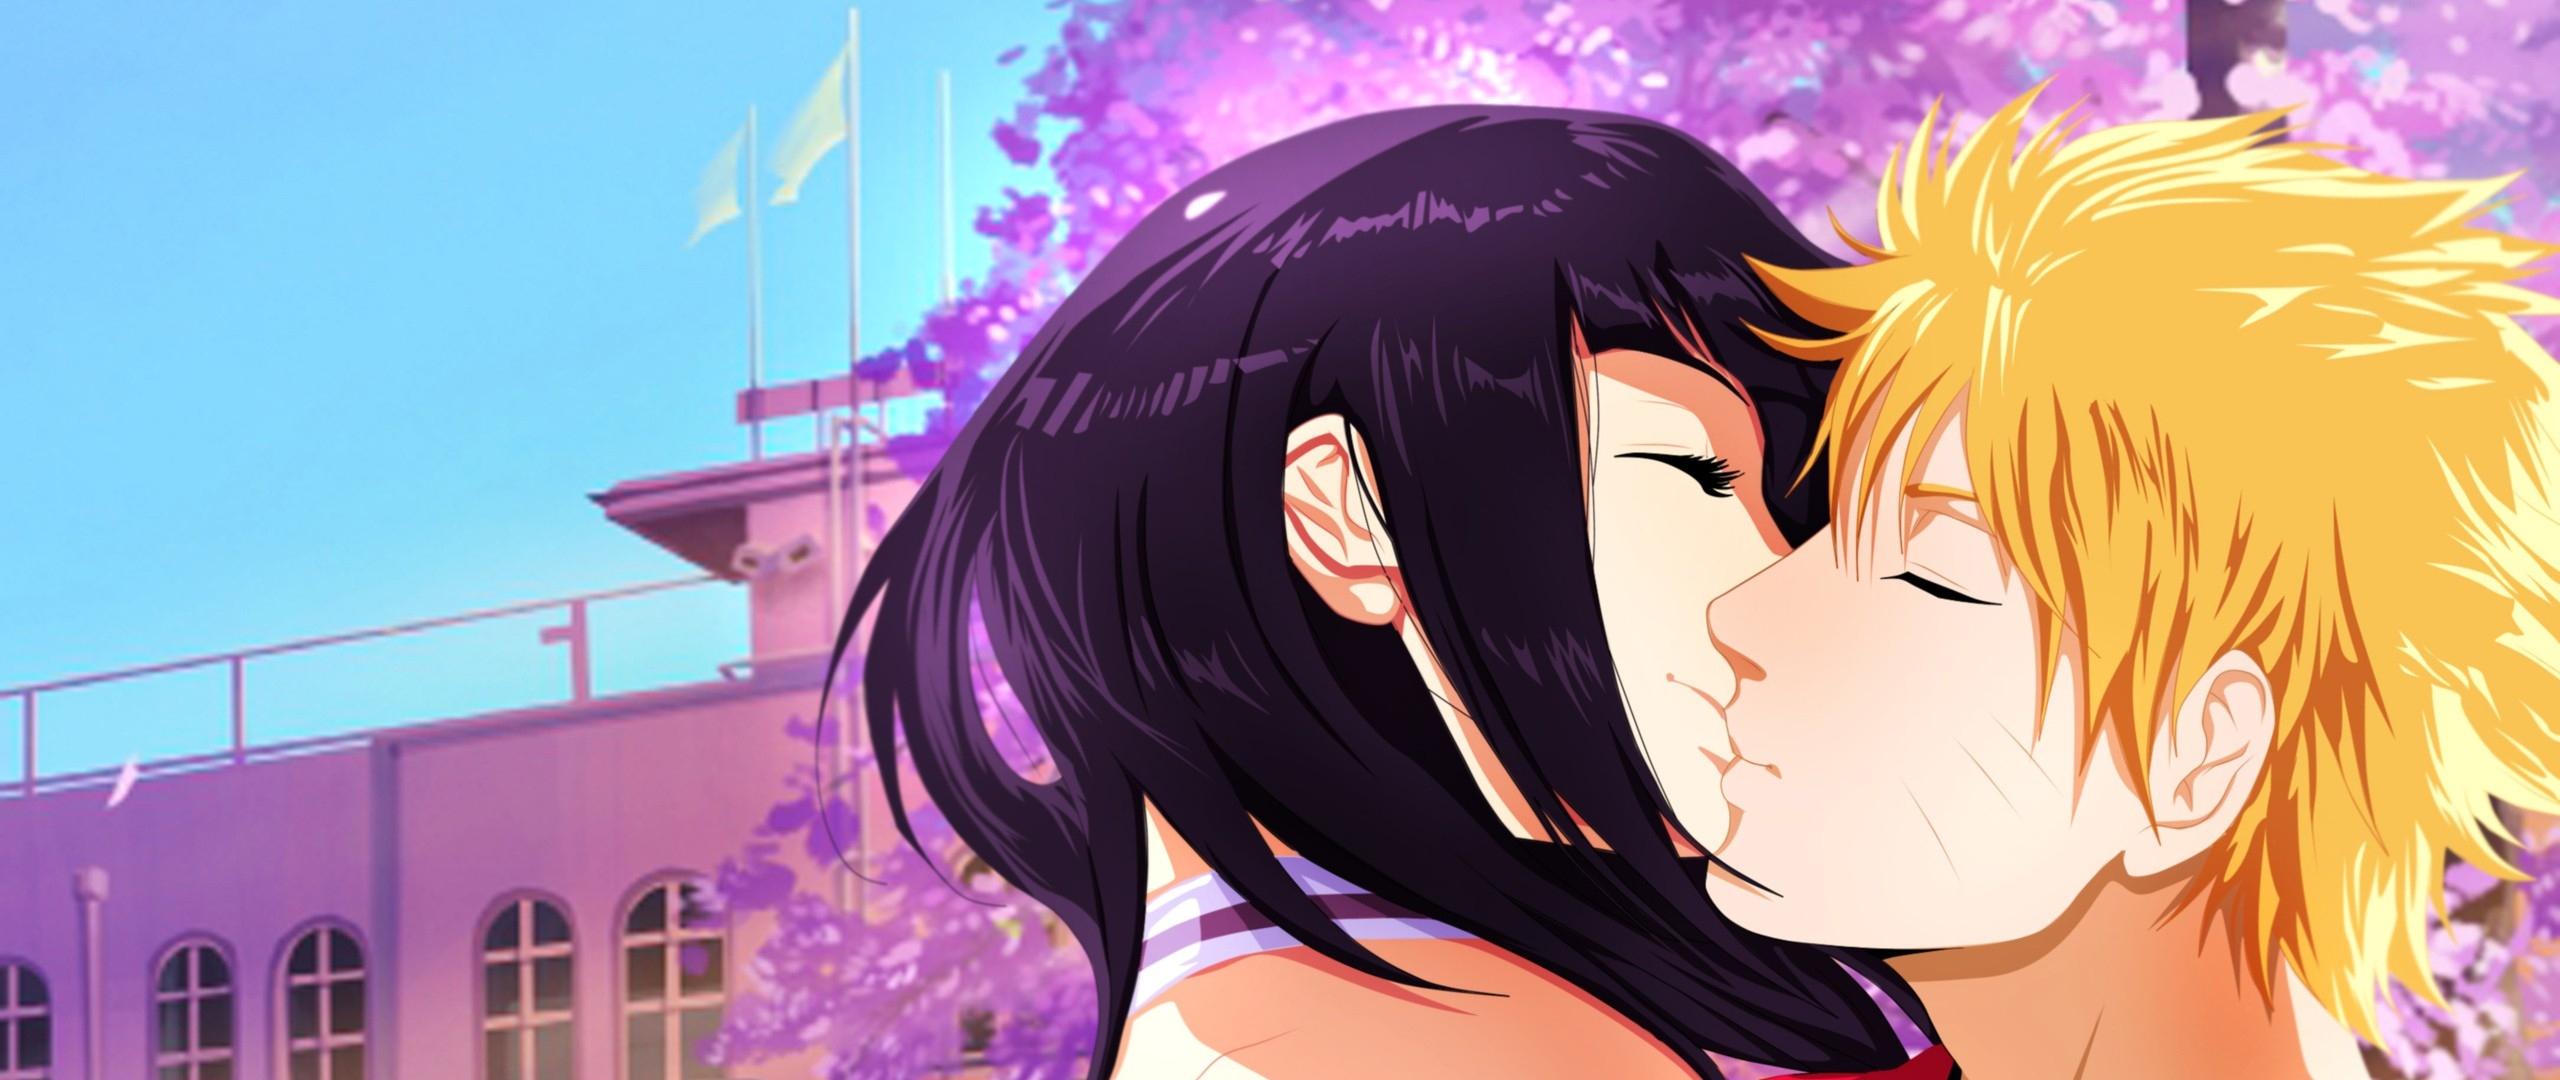 naruto kiss hinata wallpaper   wallpapersafari